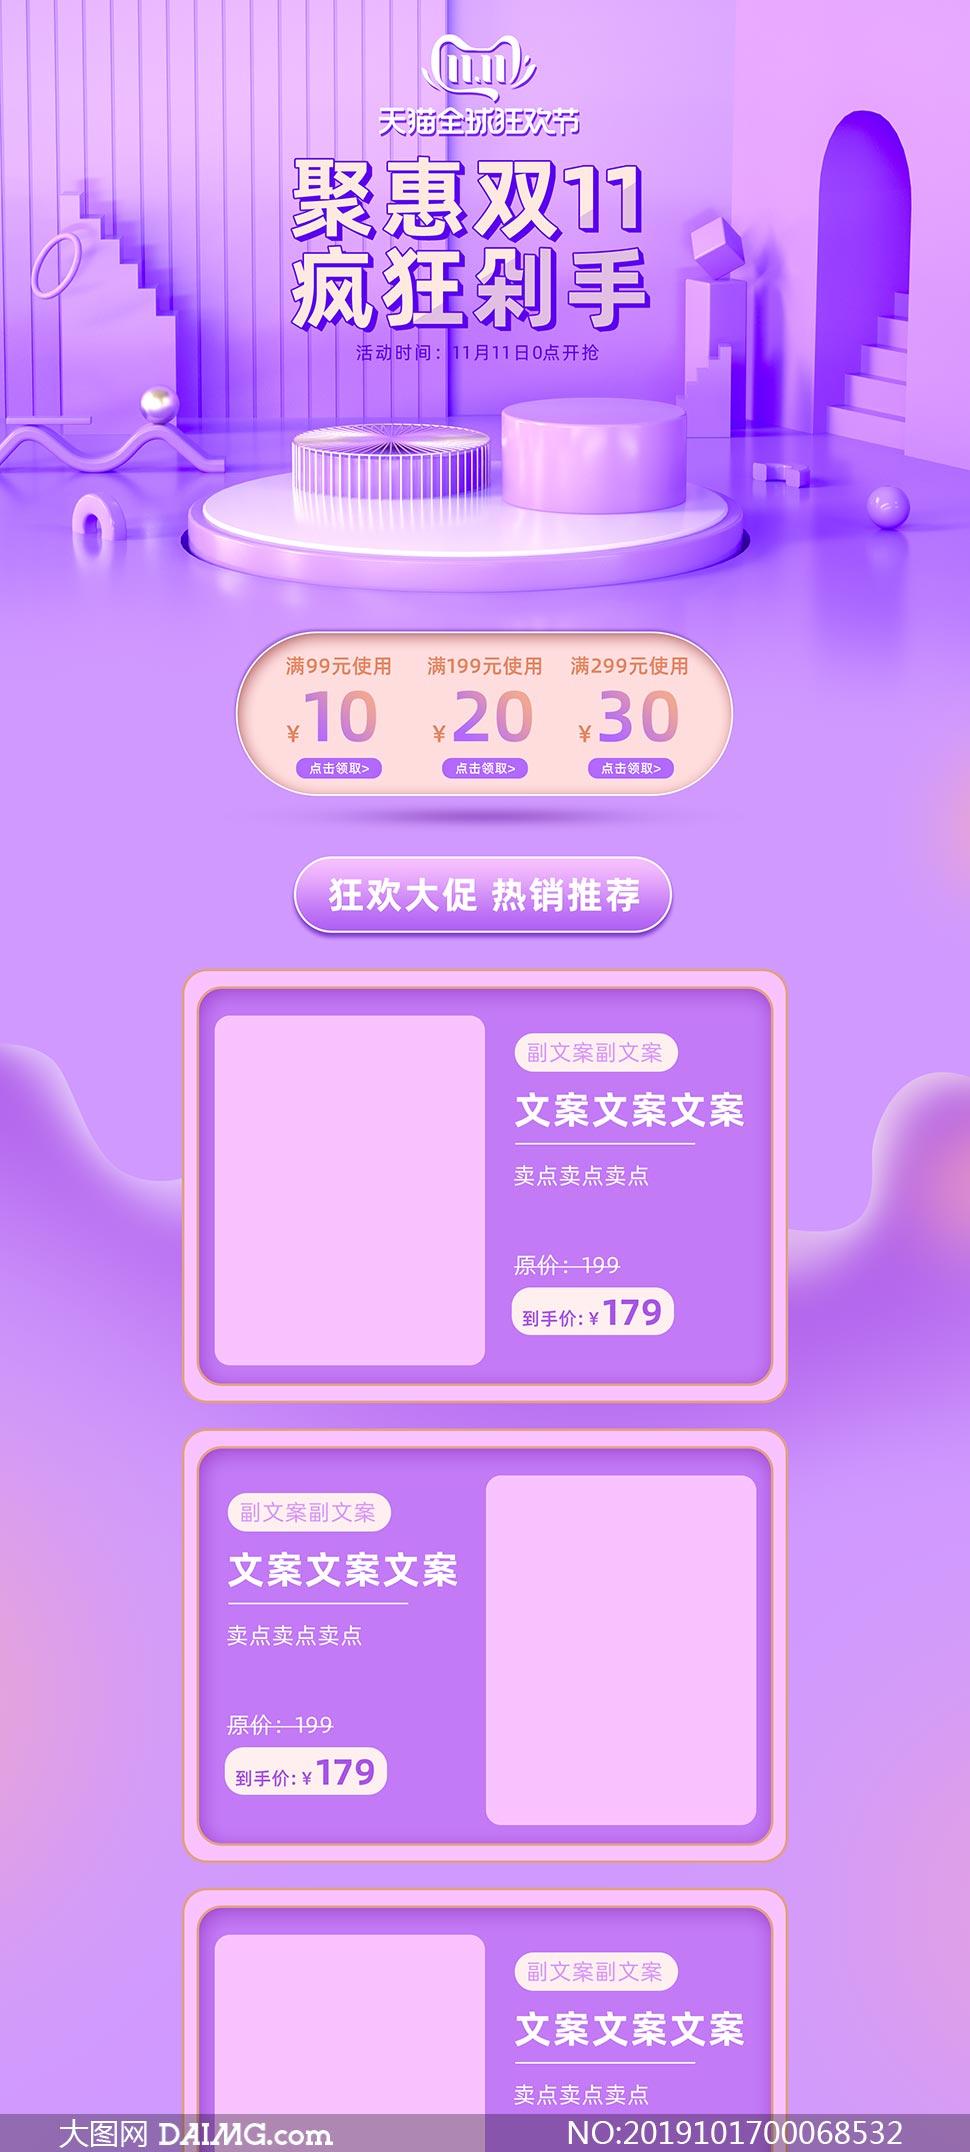 天猫聚惠双11紫色主题首页模板 澳门最大必赢赌场